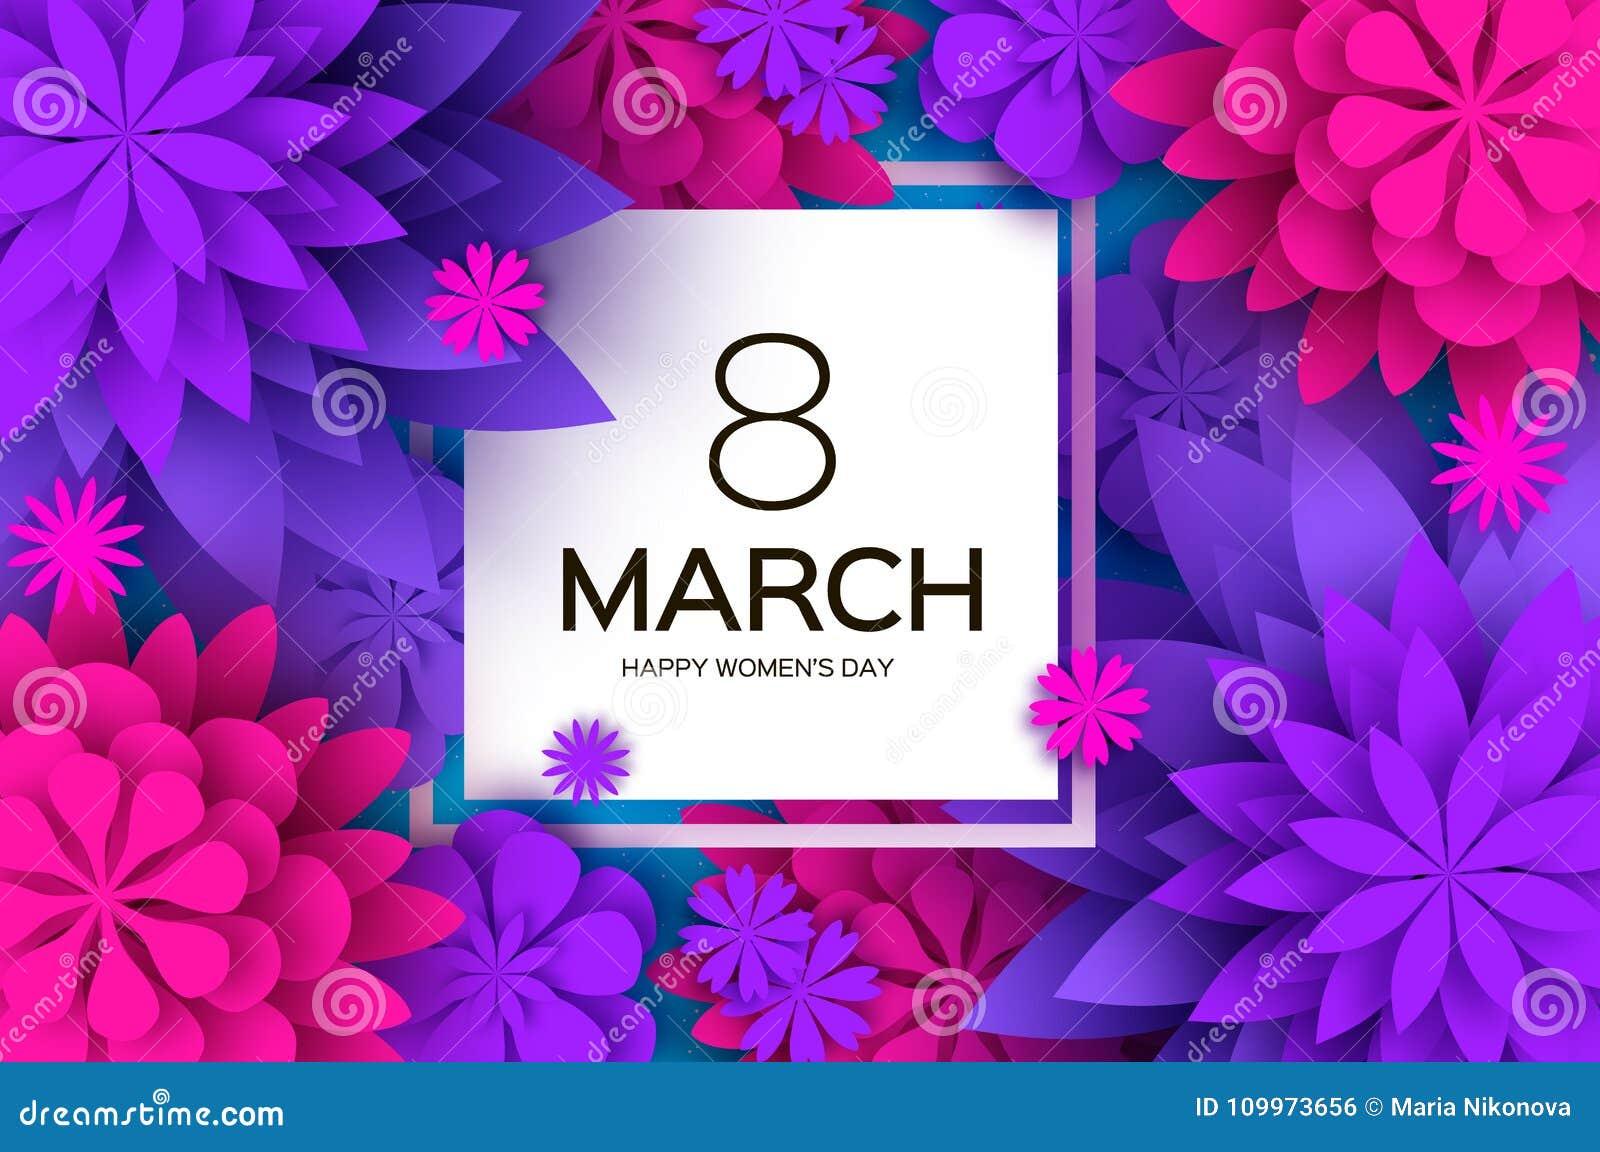 Ultraviolet pink paper cut flower 8 Maart De kaart van de Daggroeten van vrouwen Origami Bloemenboeket Vierkant frame tekst